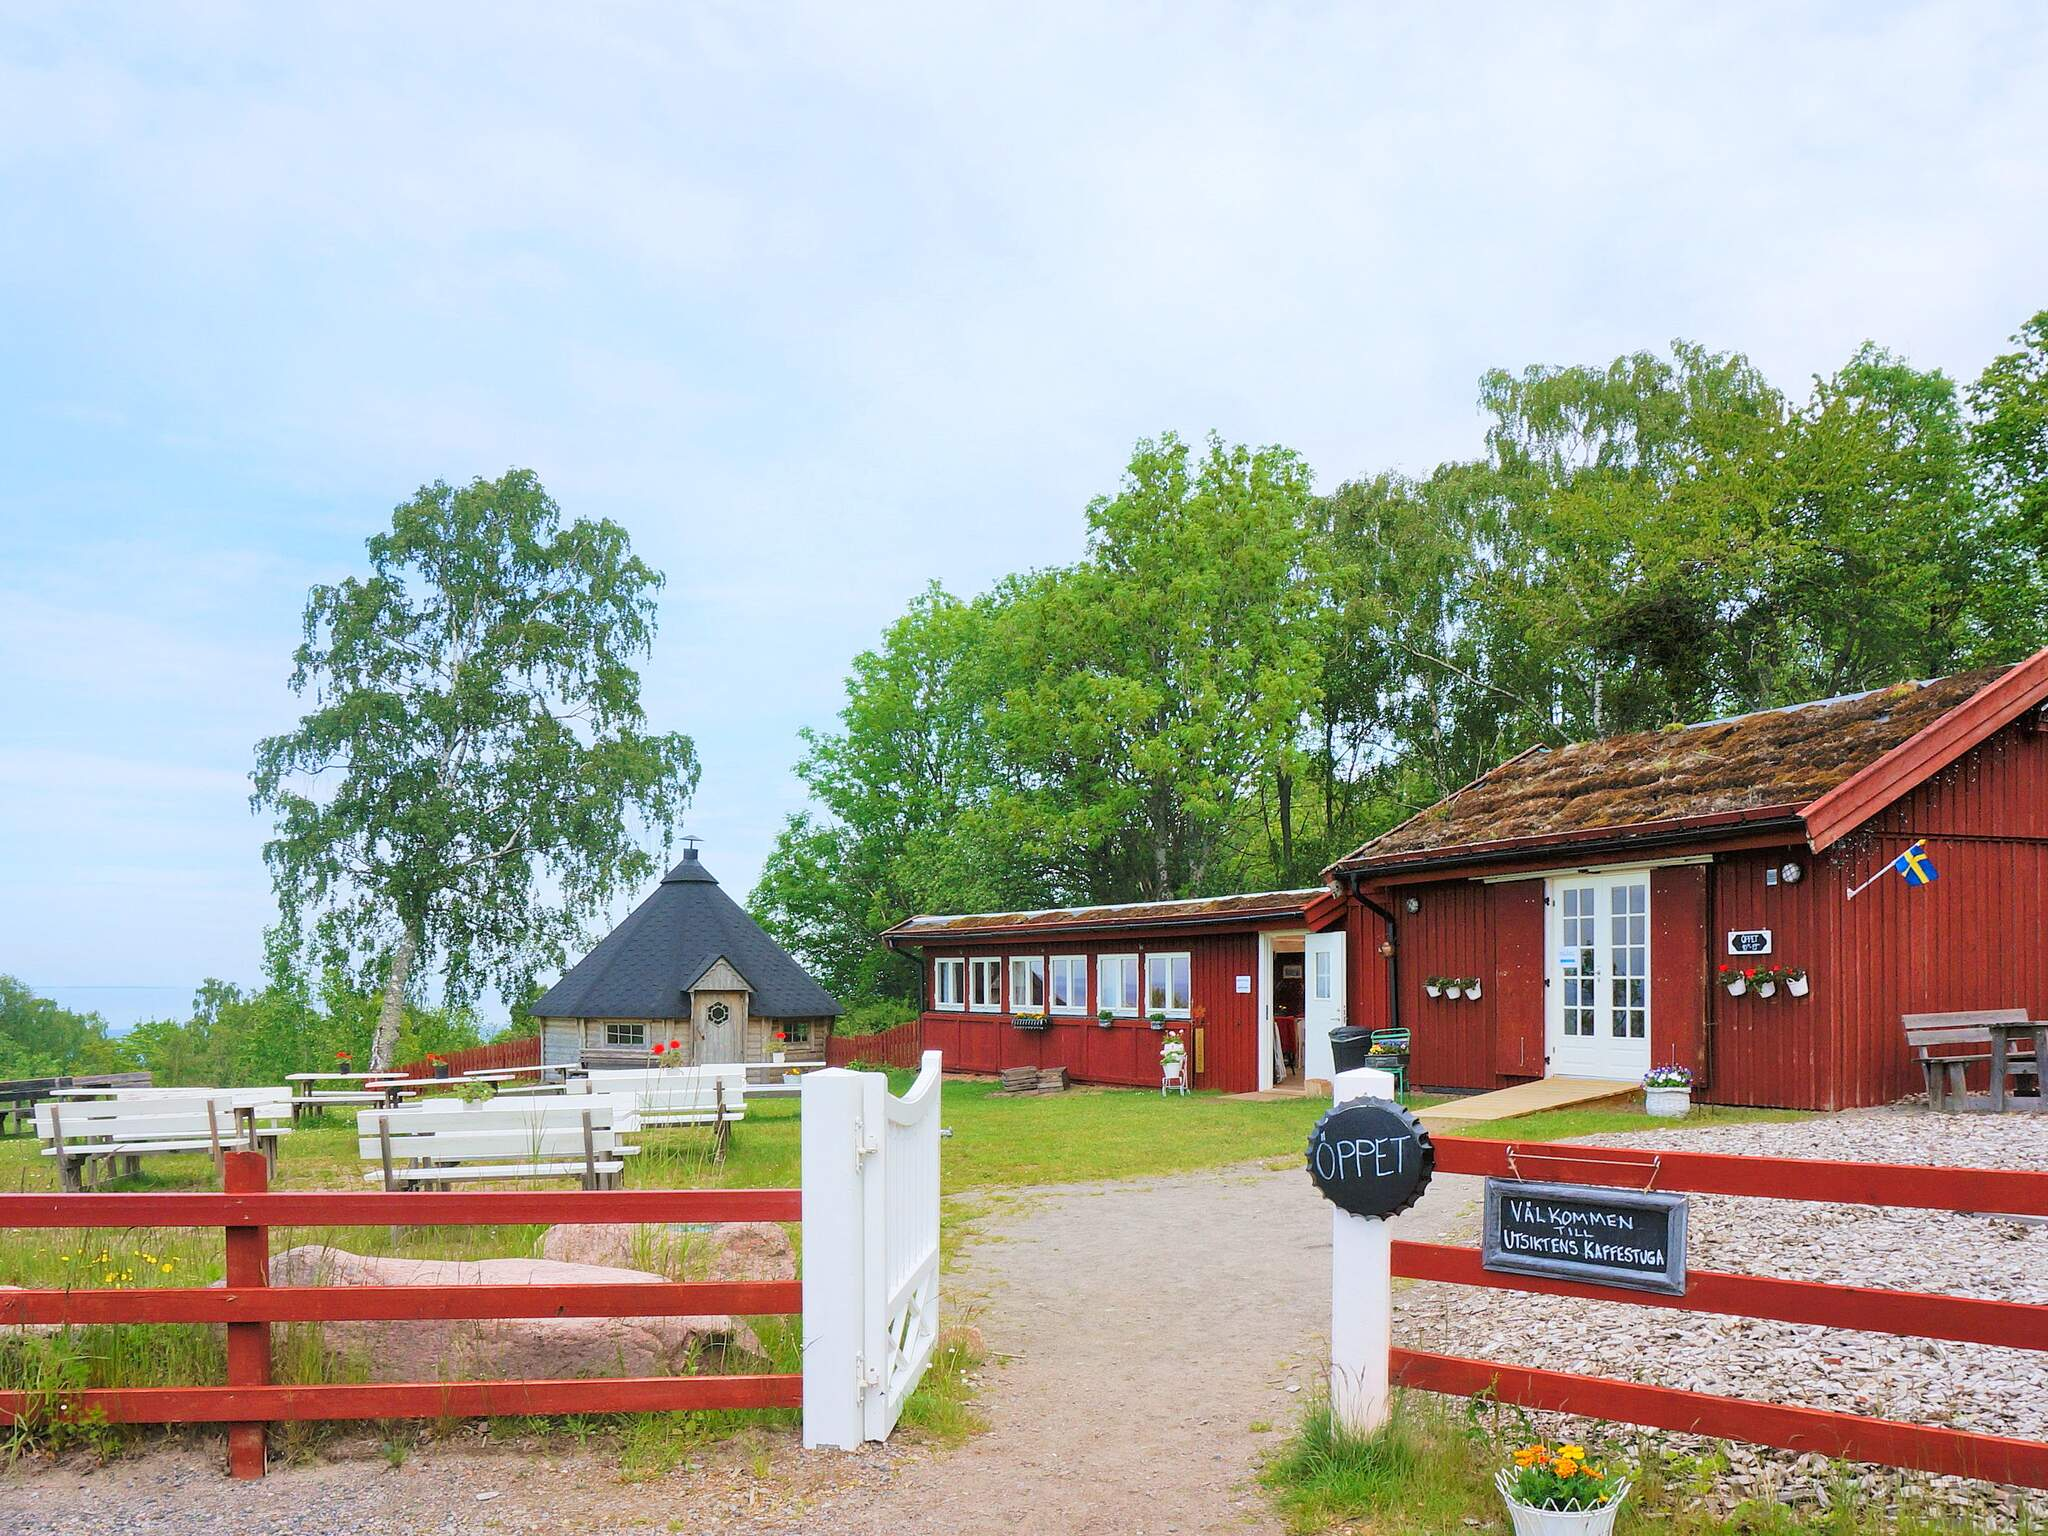 Ferienhaus Lidköping (2633224), Götene, Västra Götaland län, Westschweden, Schweden, Bild 16